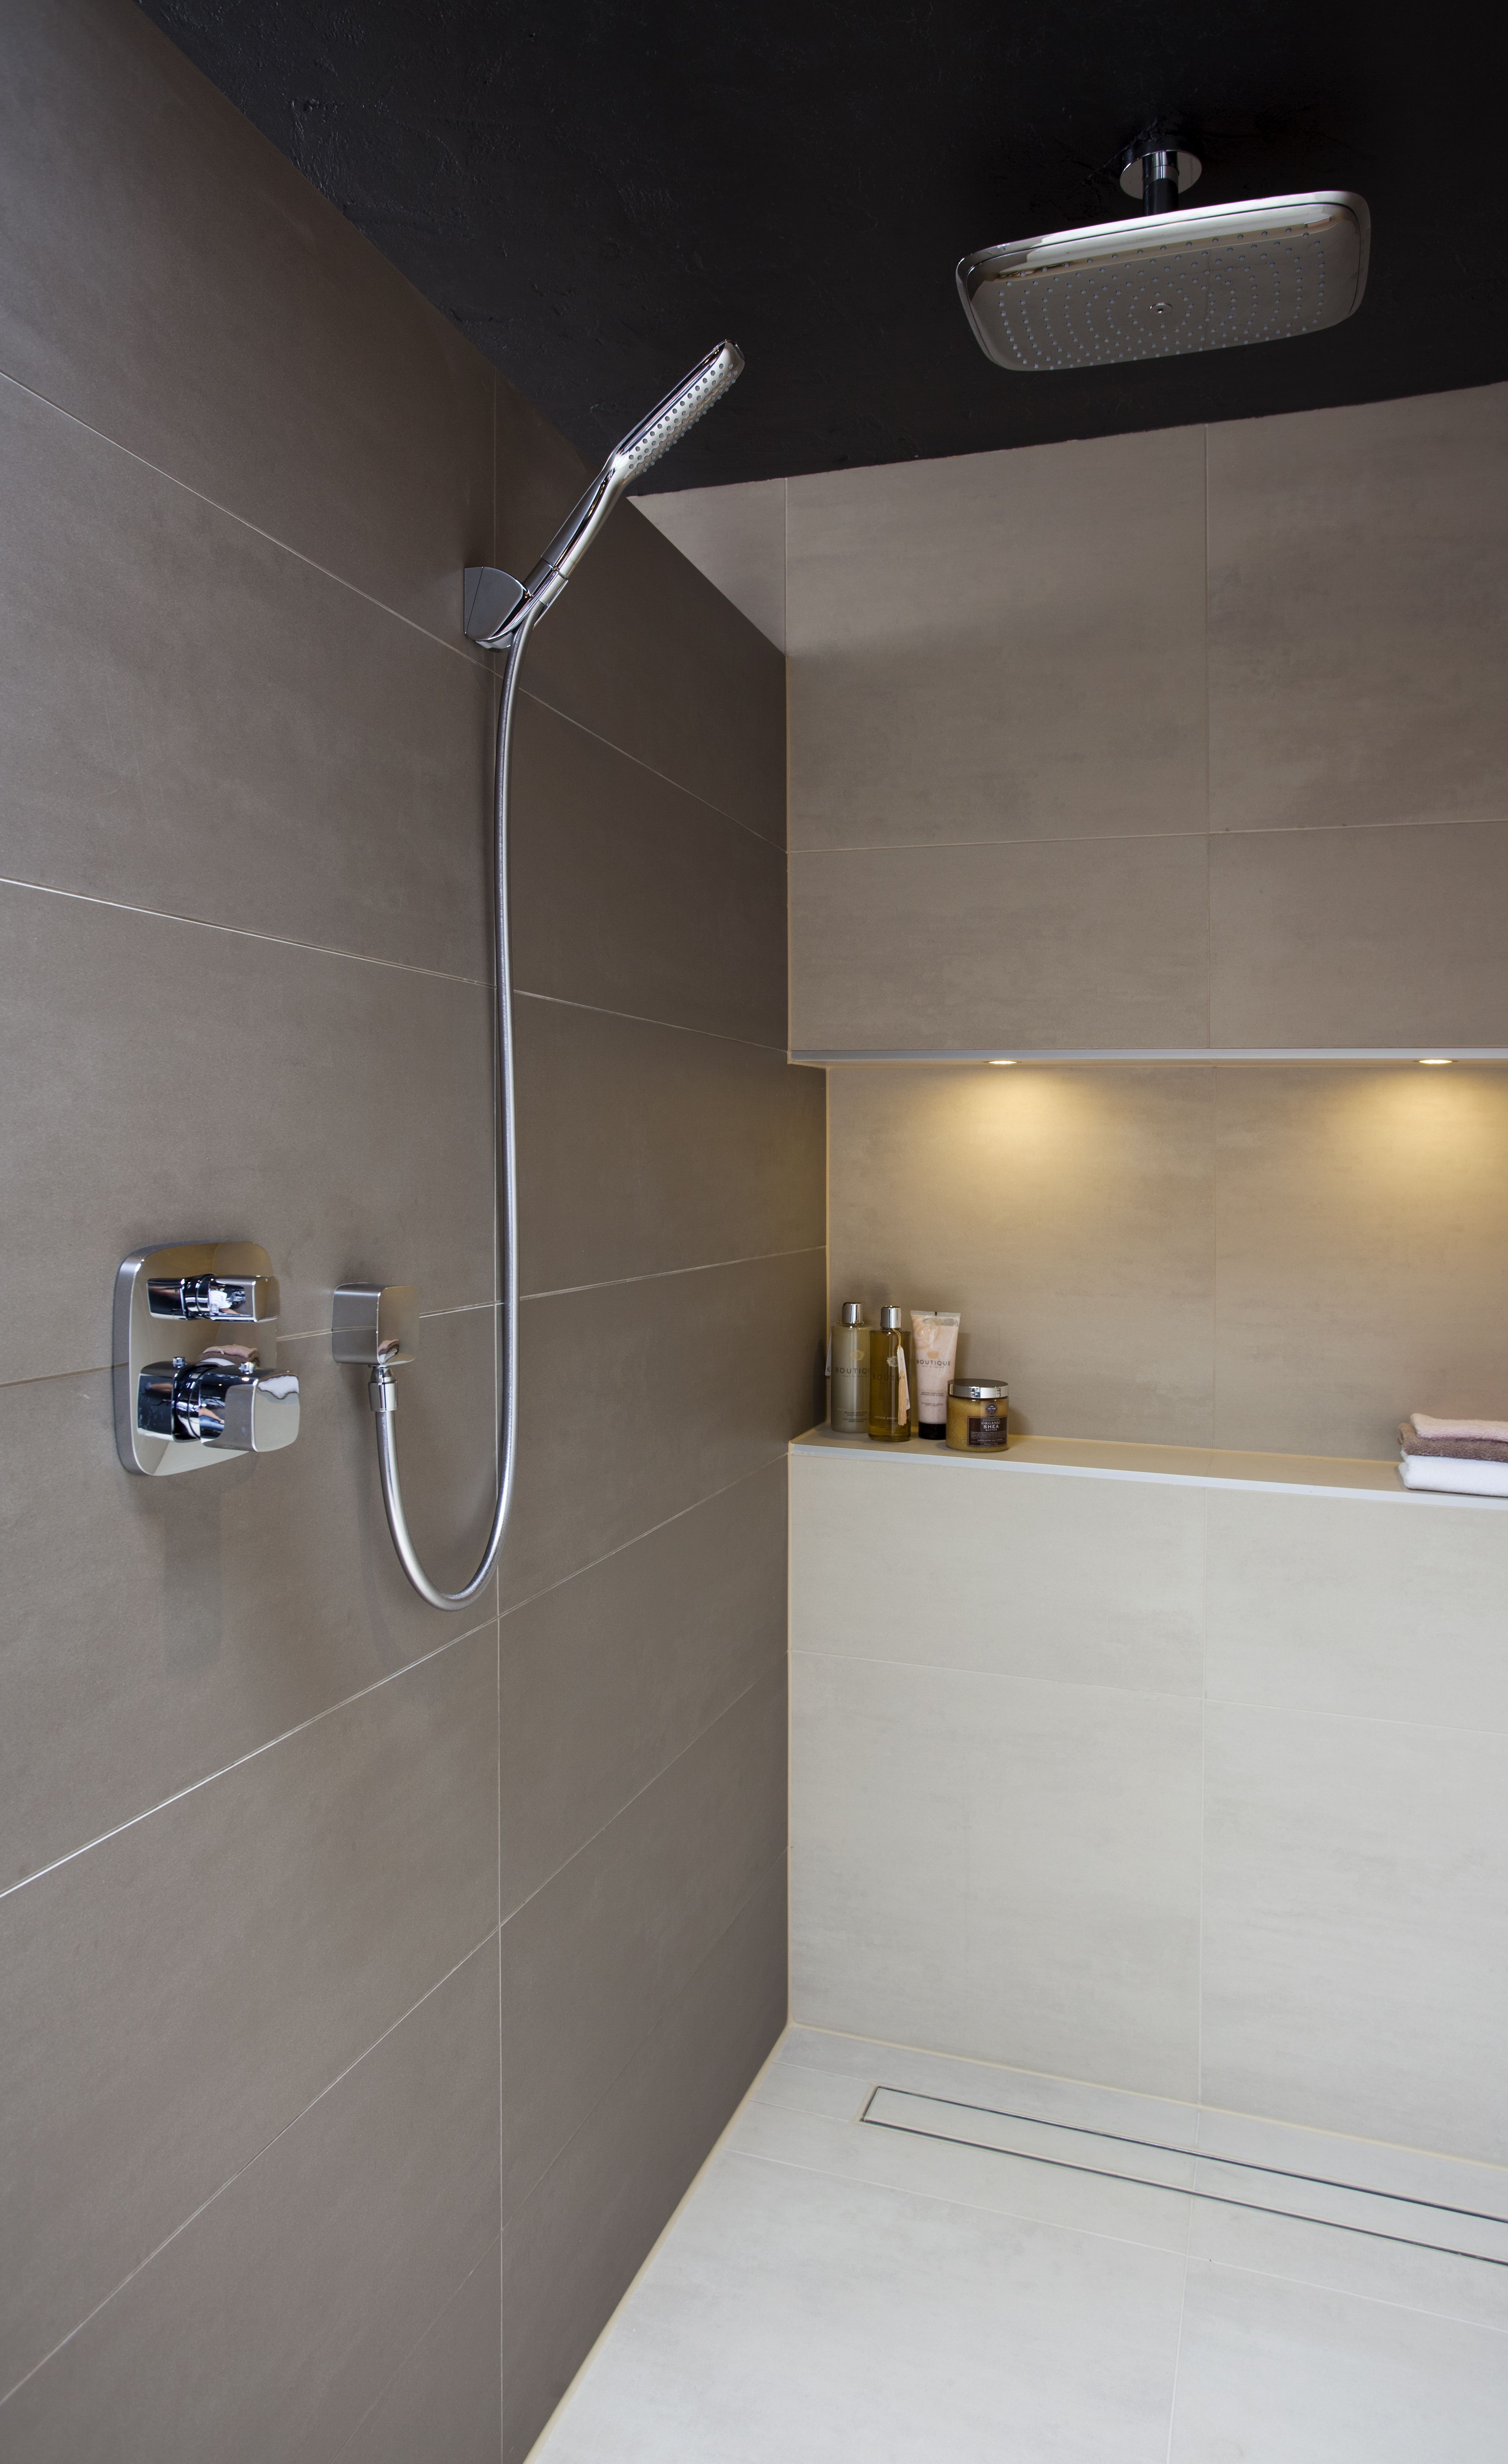 Badezimmer Dusche Beleuchtung Badkamer Badkamerideeen Badkamer Modern